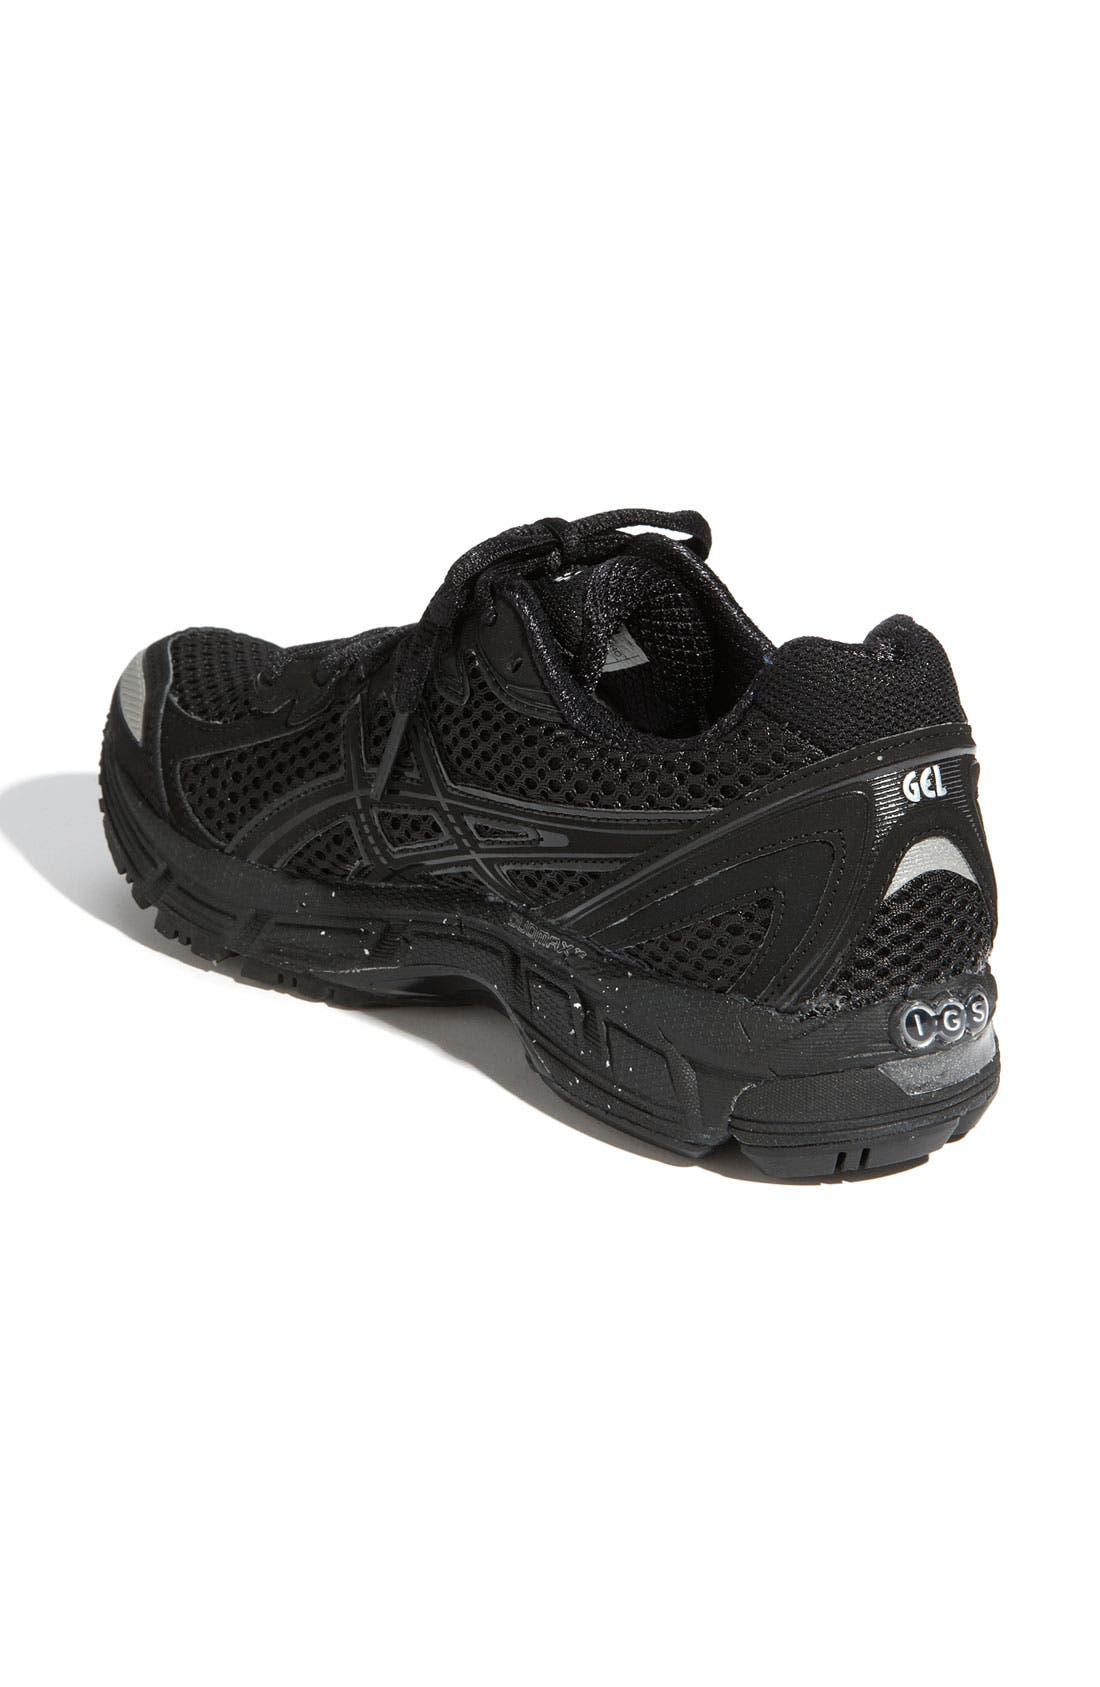 Alternate Image 2  - ASICS® 'GT 2170' Running Shoe (Women)